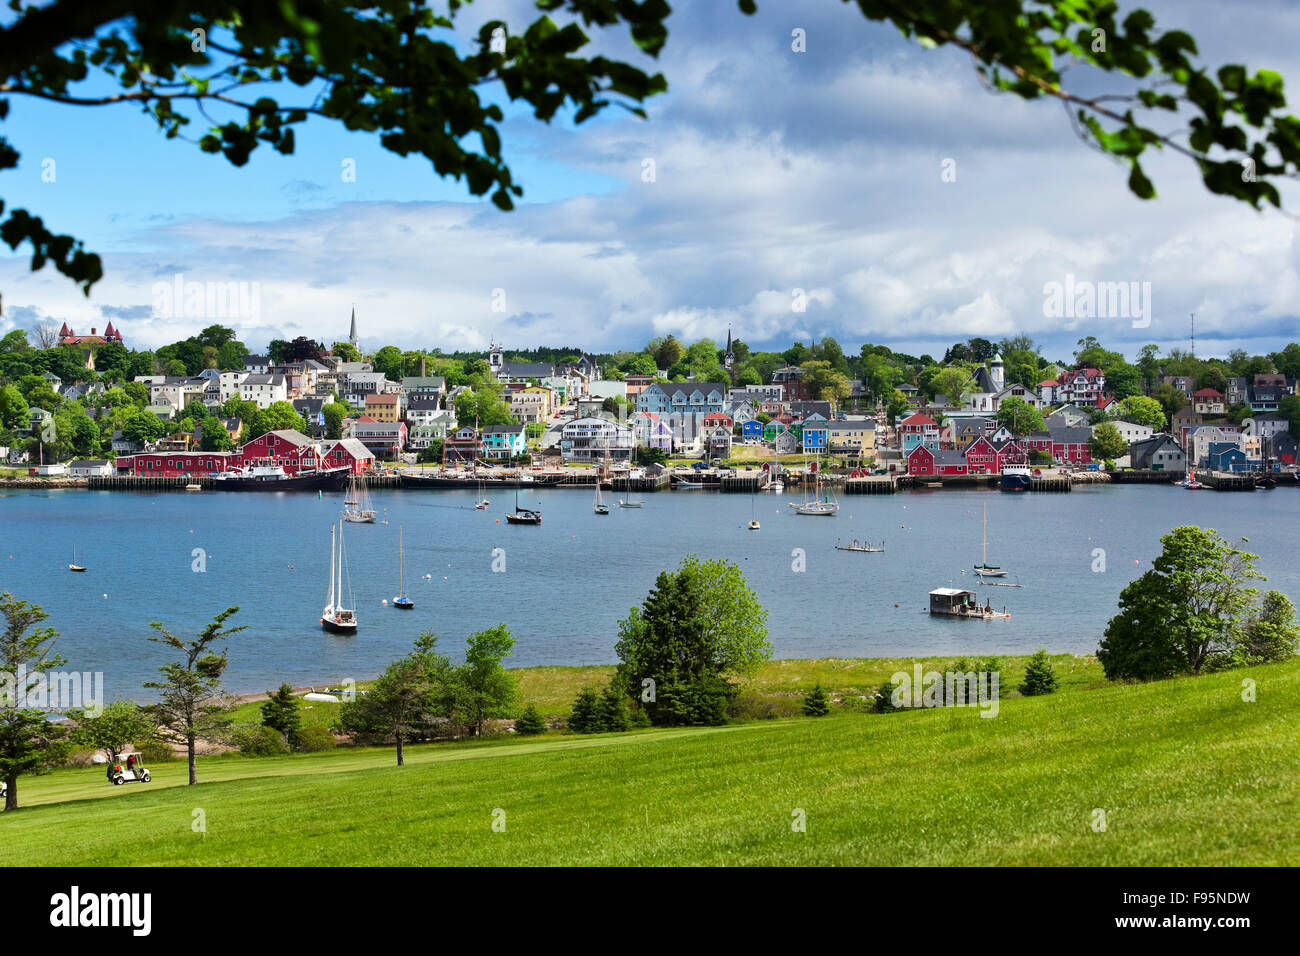 Vista generale della città di Lunenburg, Nova Scotia, dall'Bluenose Campo da Golf. Immagini Stock